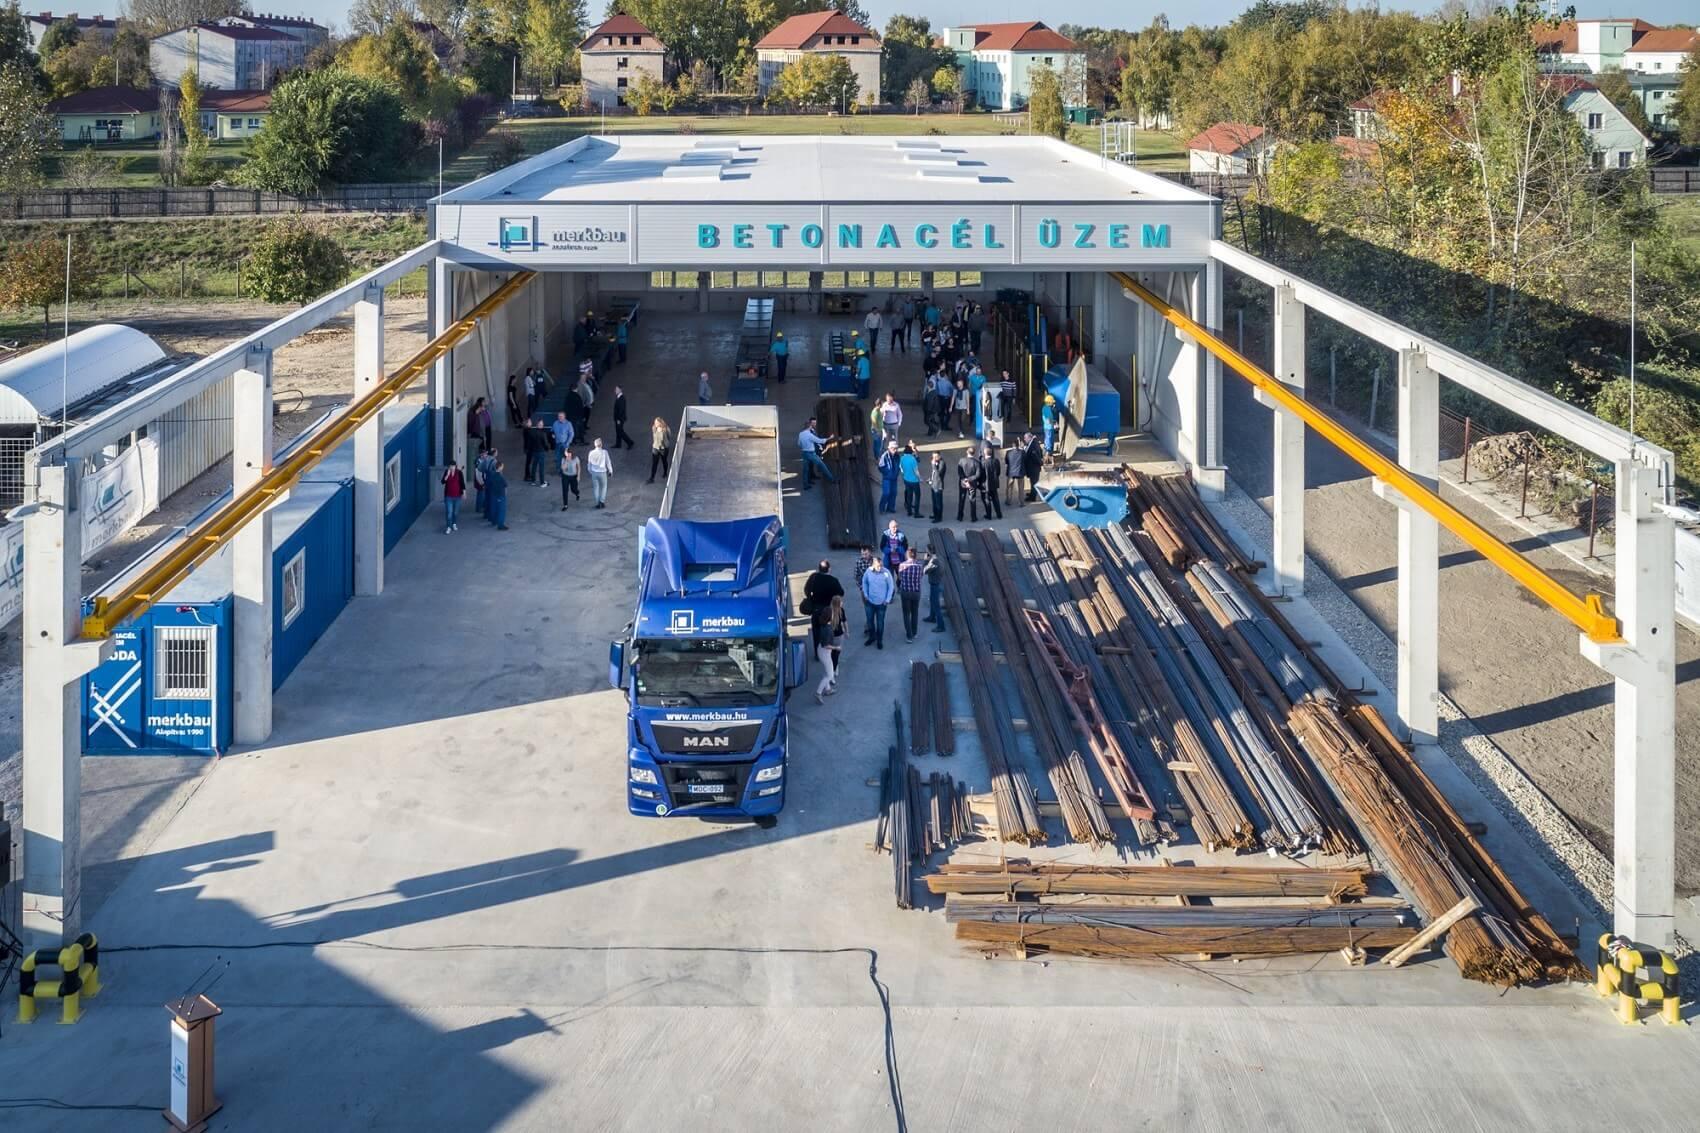 Új betonacél üzemmel reagált a Merkbau az ágazat növekedésére